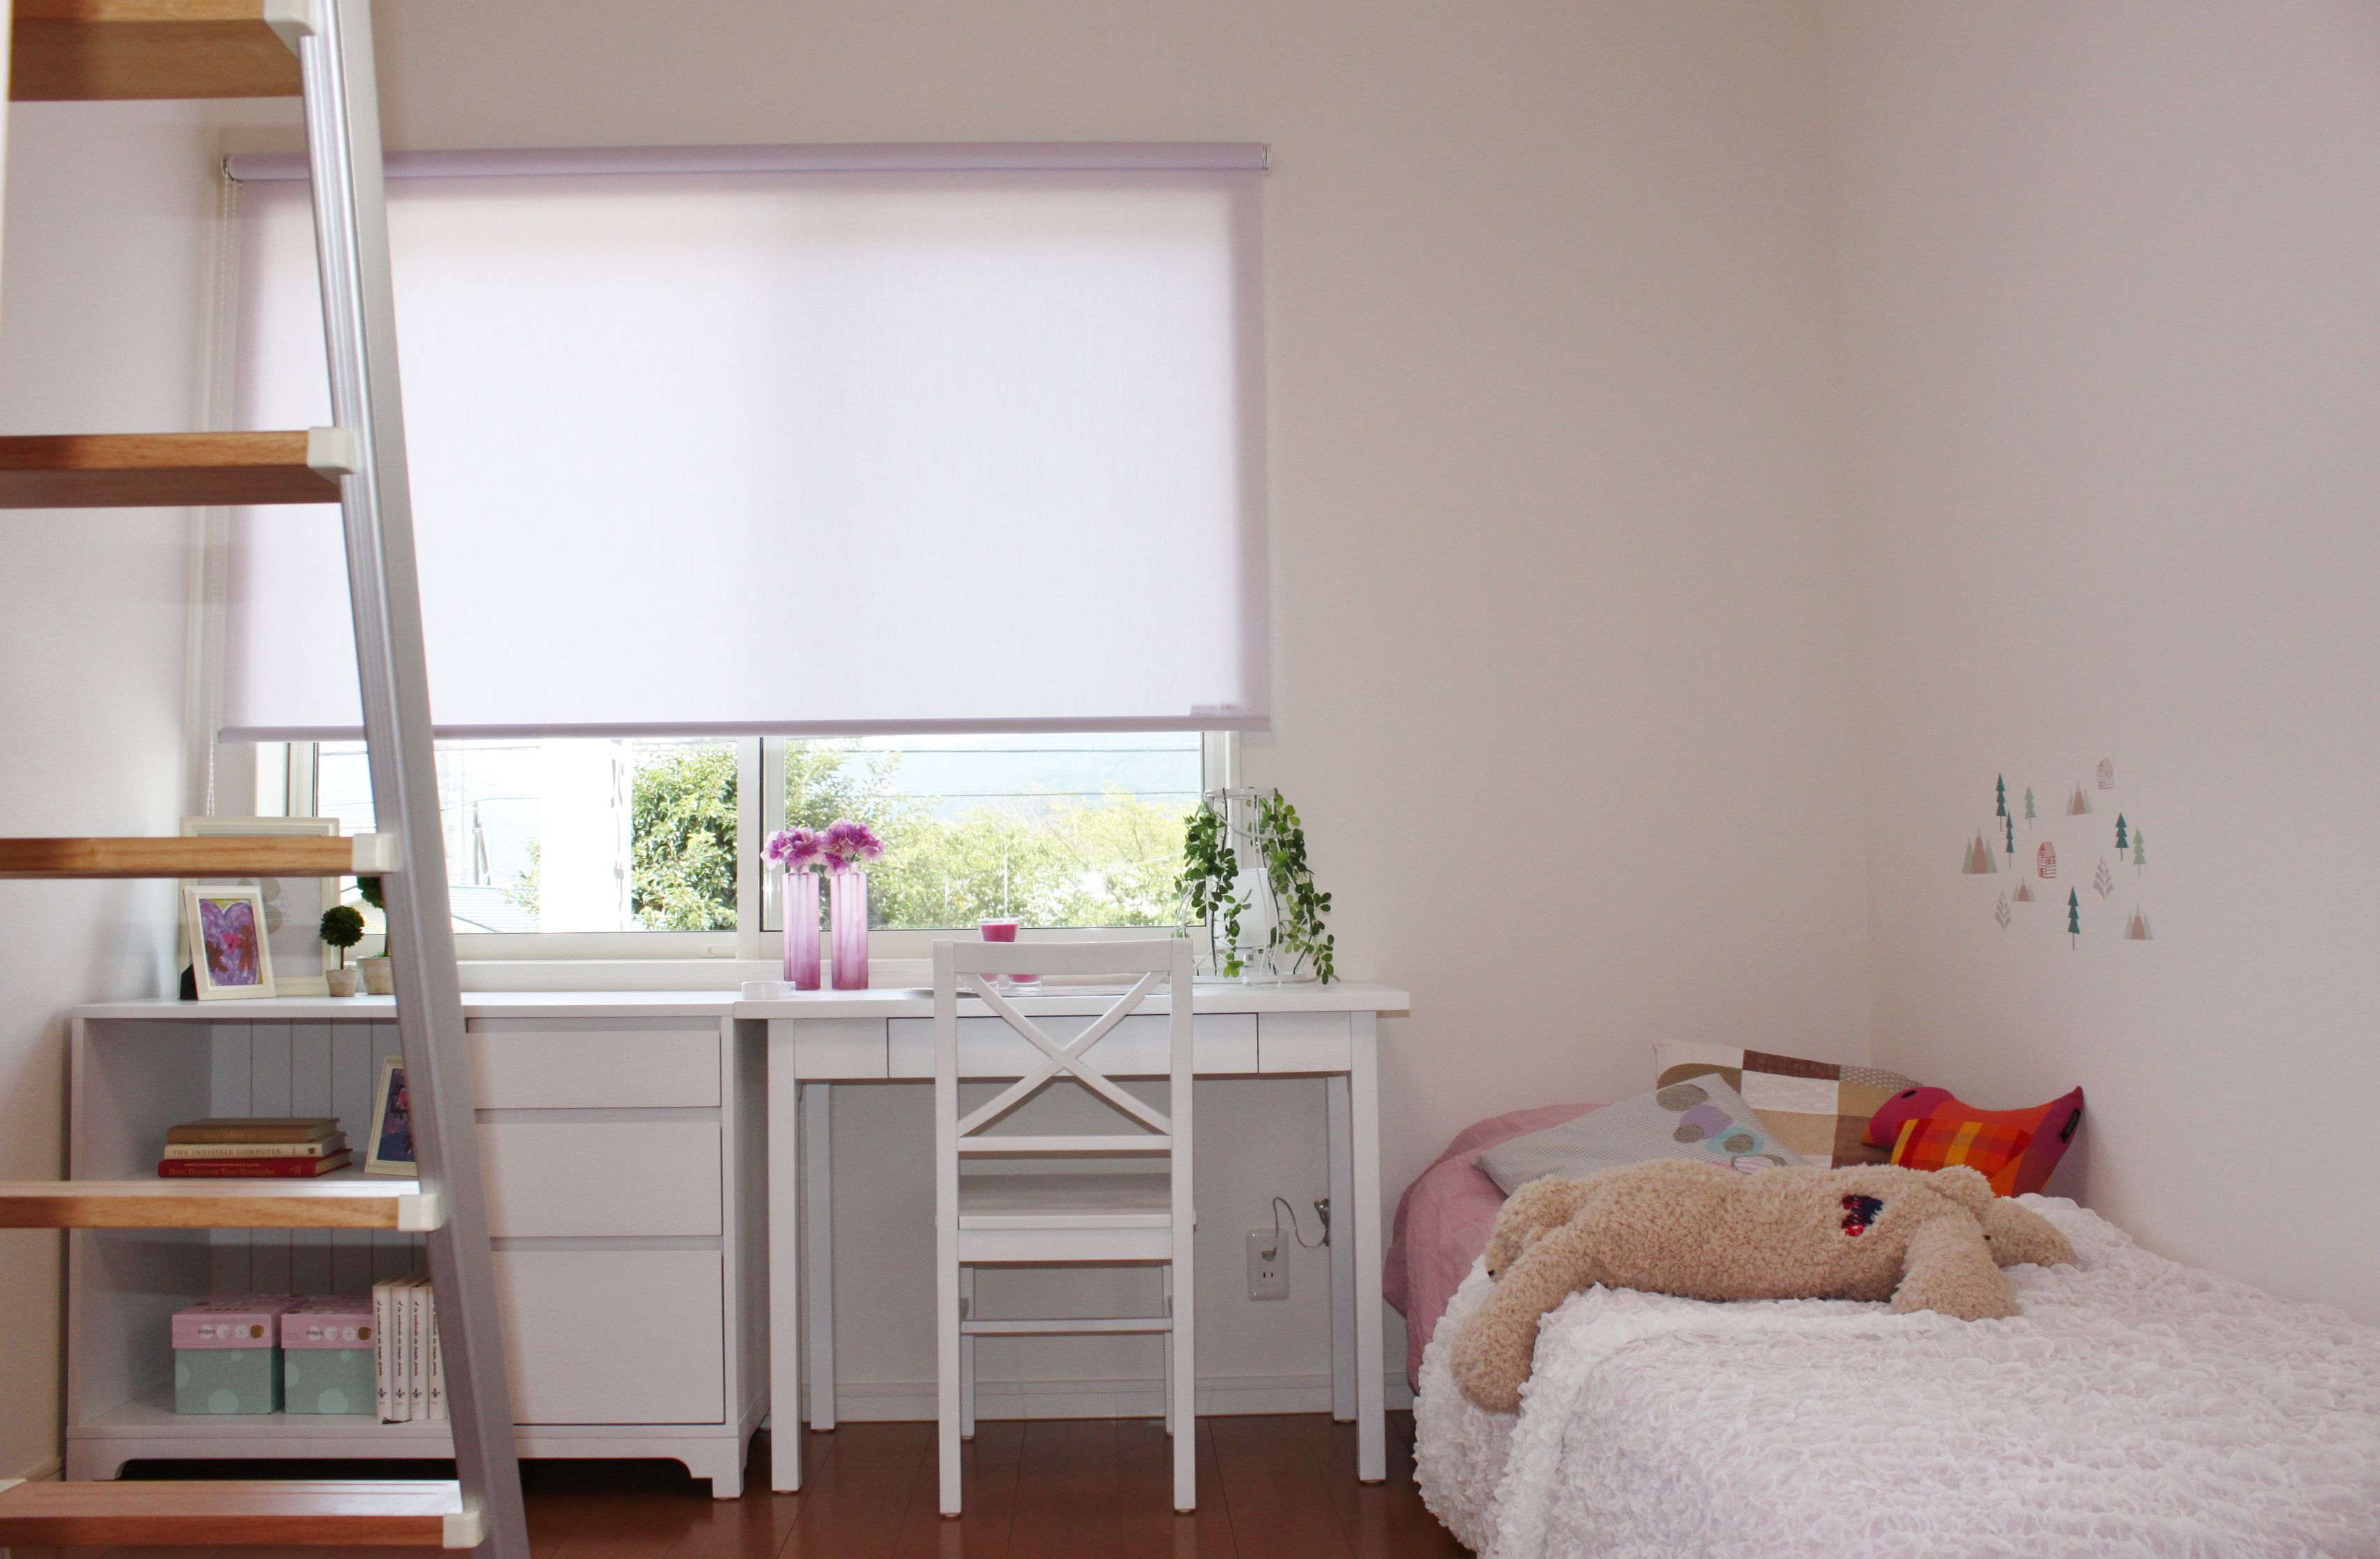 女の子を想定して、可愛らしいインテリアで飾られた子ども部屋です。